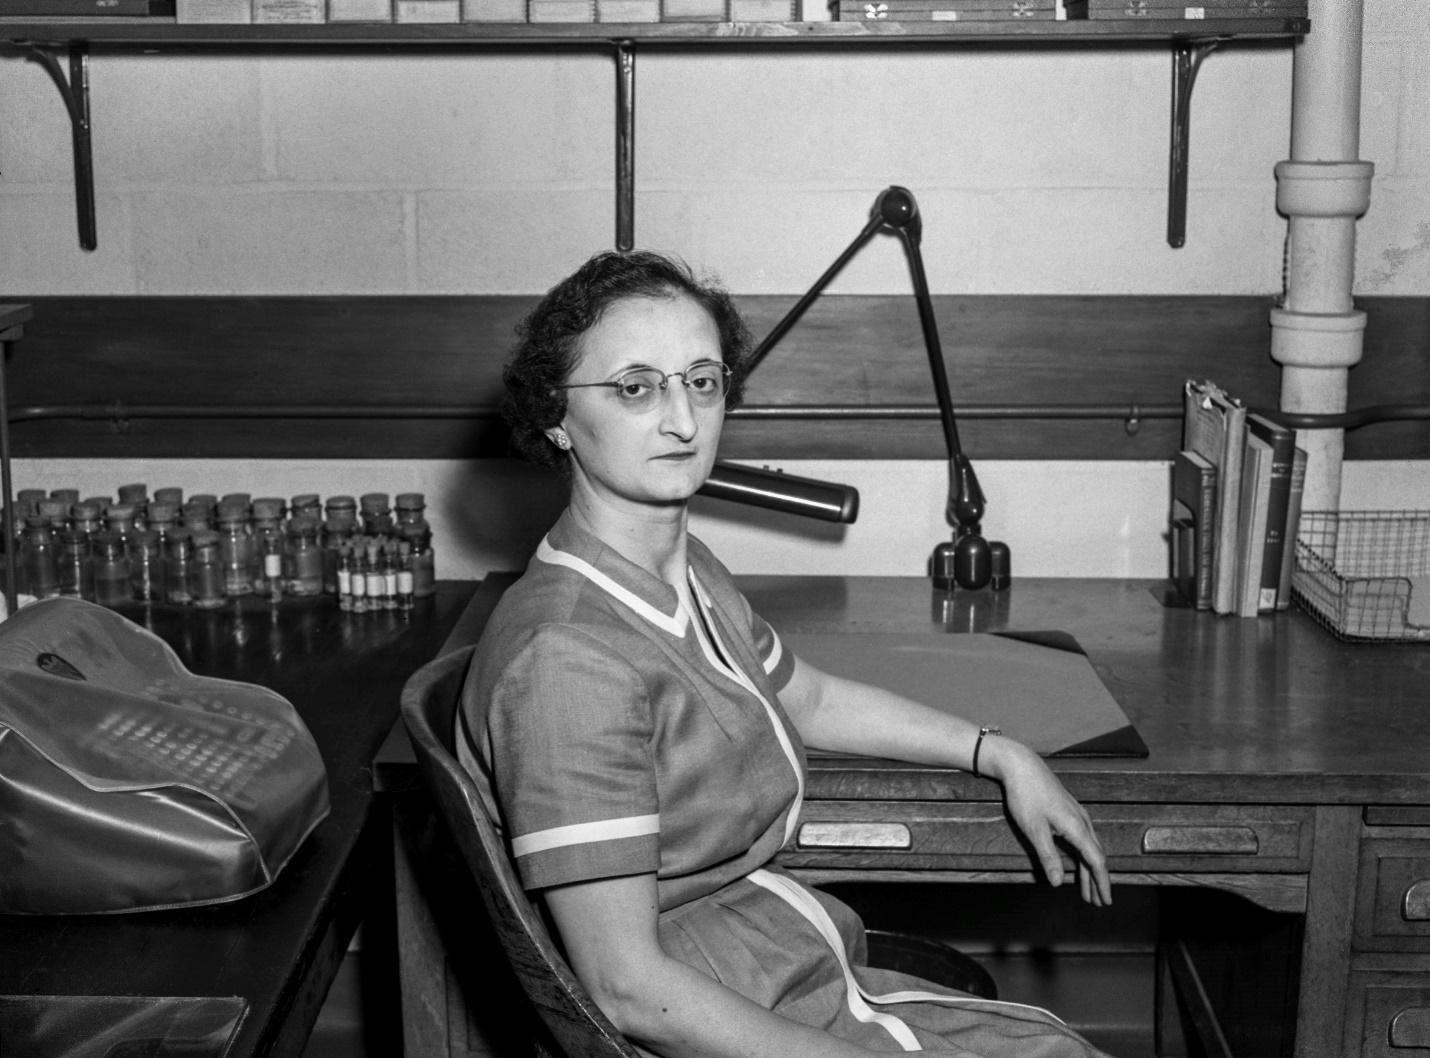 Rita Riccio at her desk.